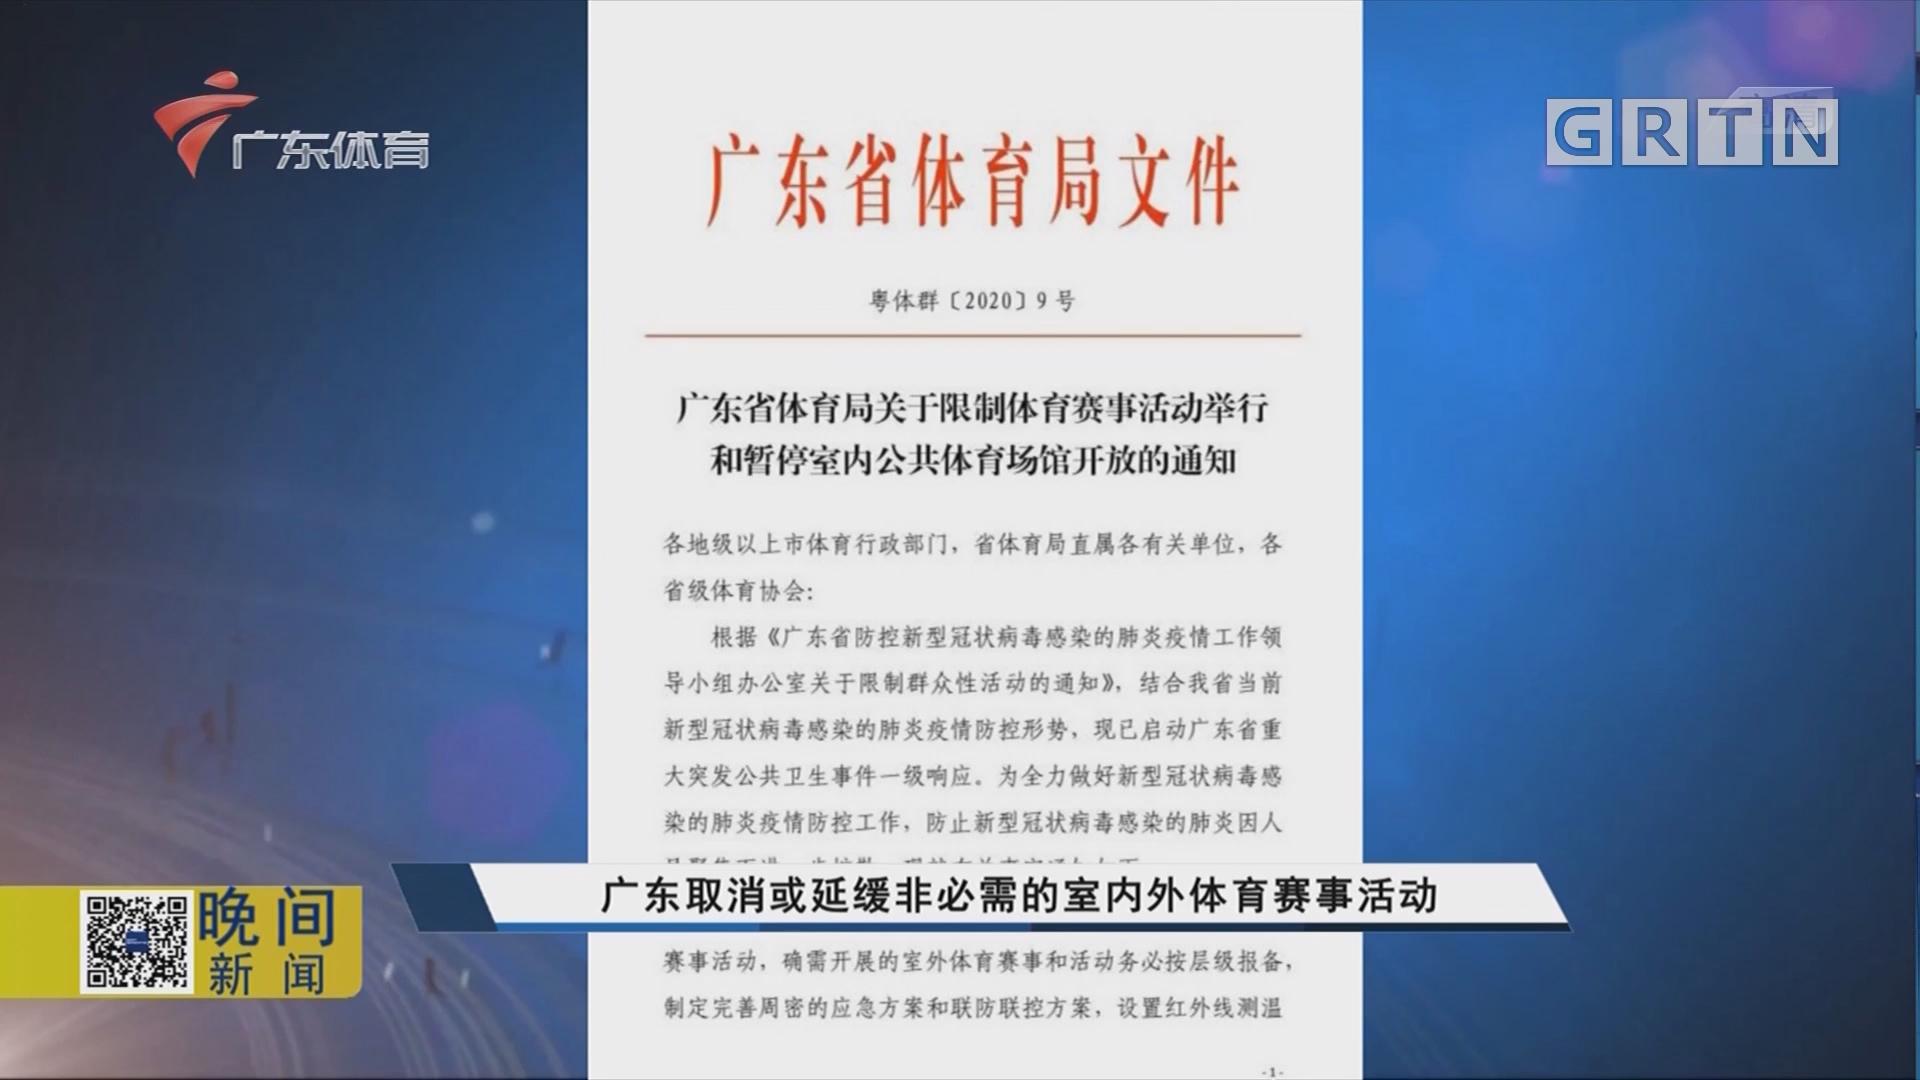 广东取消或延缓非必需的室内外体育赛事活动